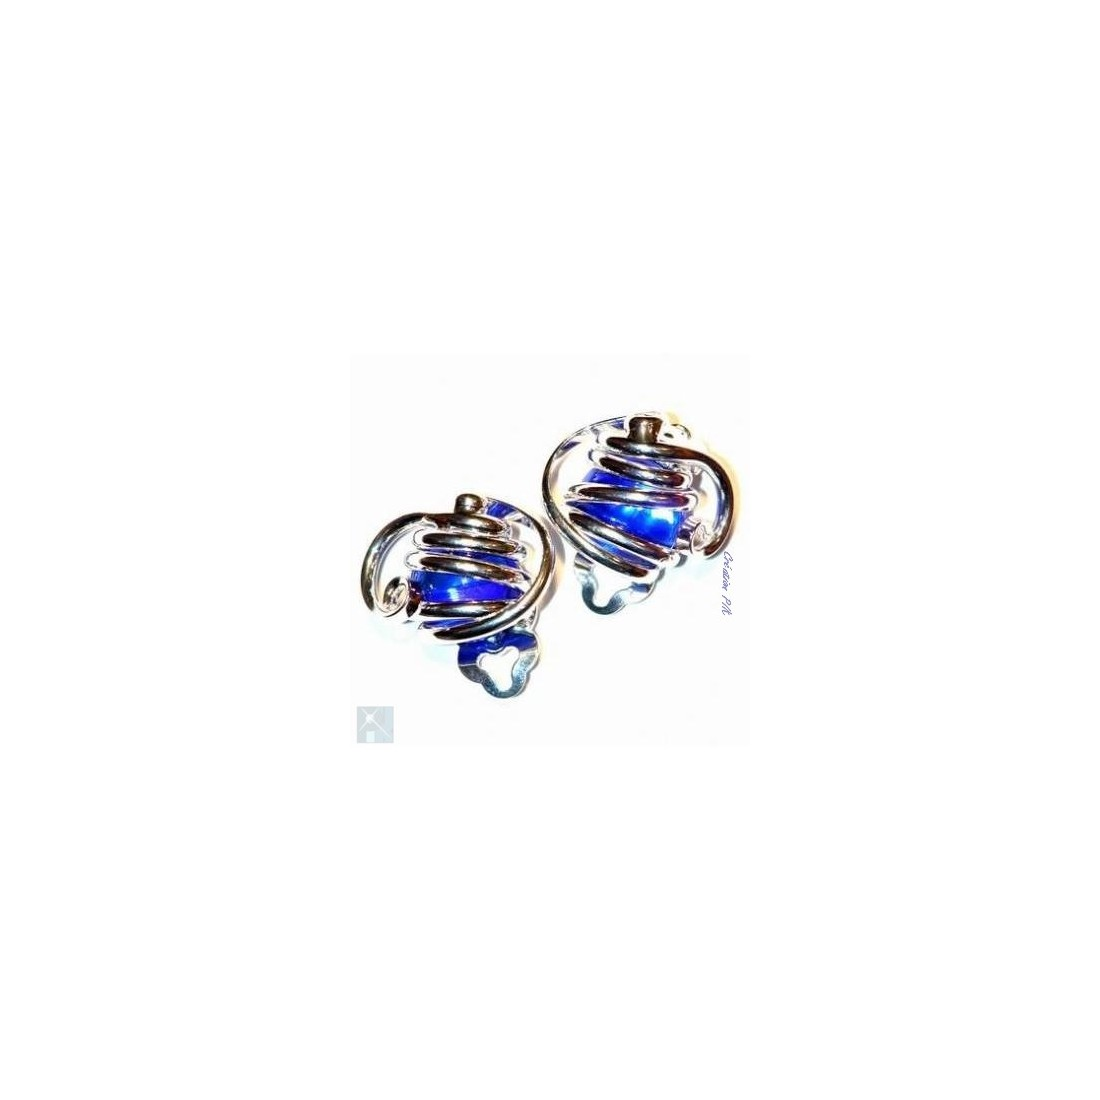 Boucles d'oreilles à clips, classiques, bleues.